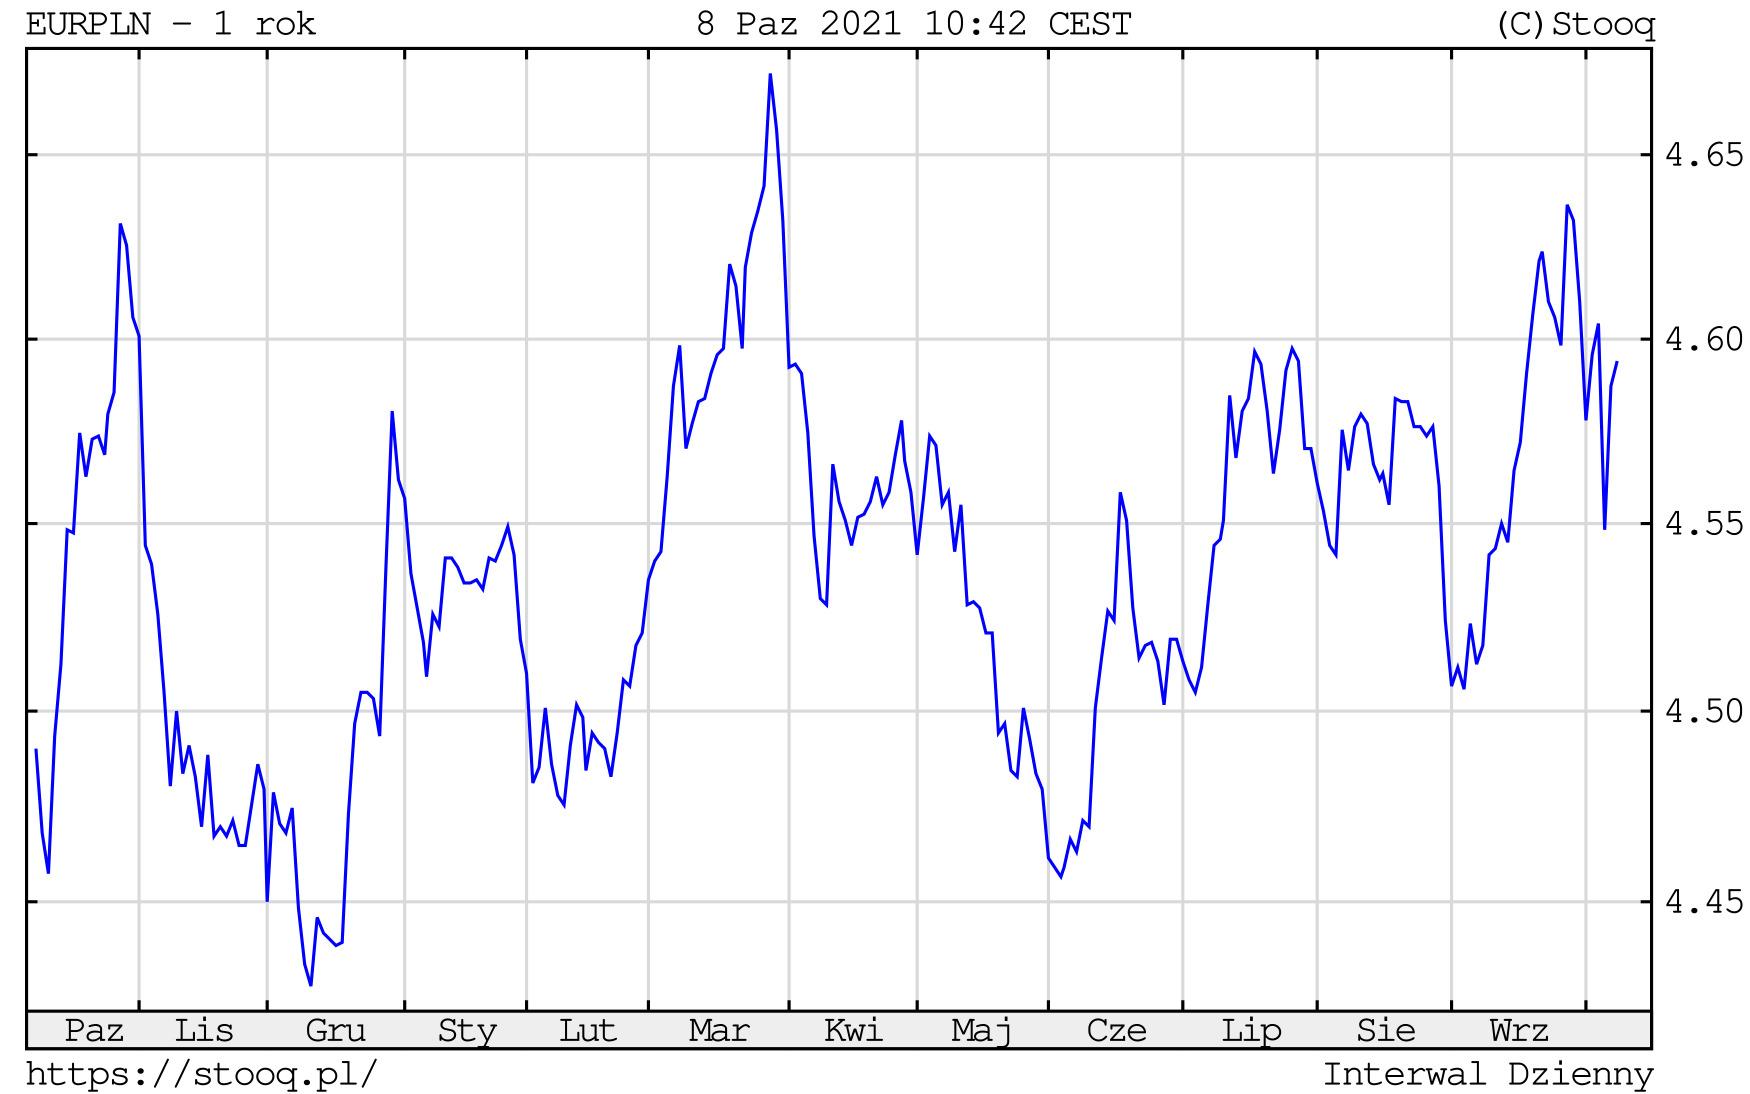 Kurs euro w piątek, 8 października 2021 roku. Notowania EURPLN na wykresie dziennym